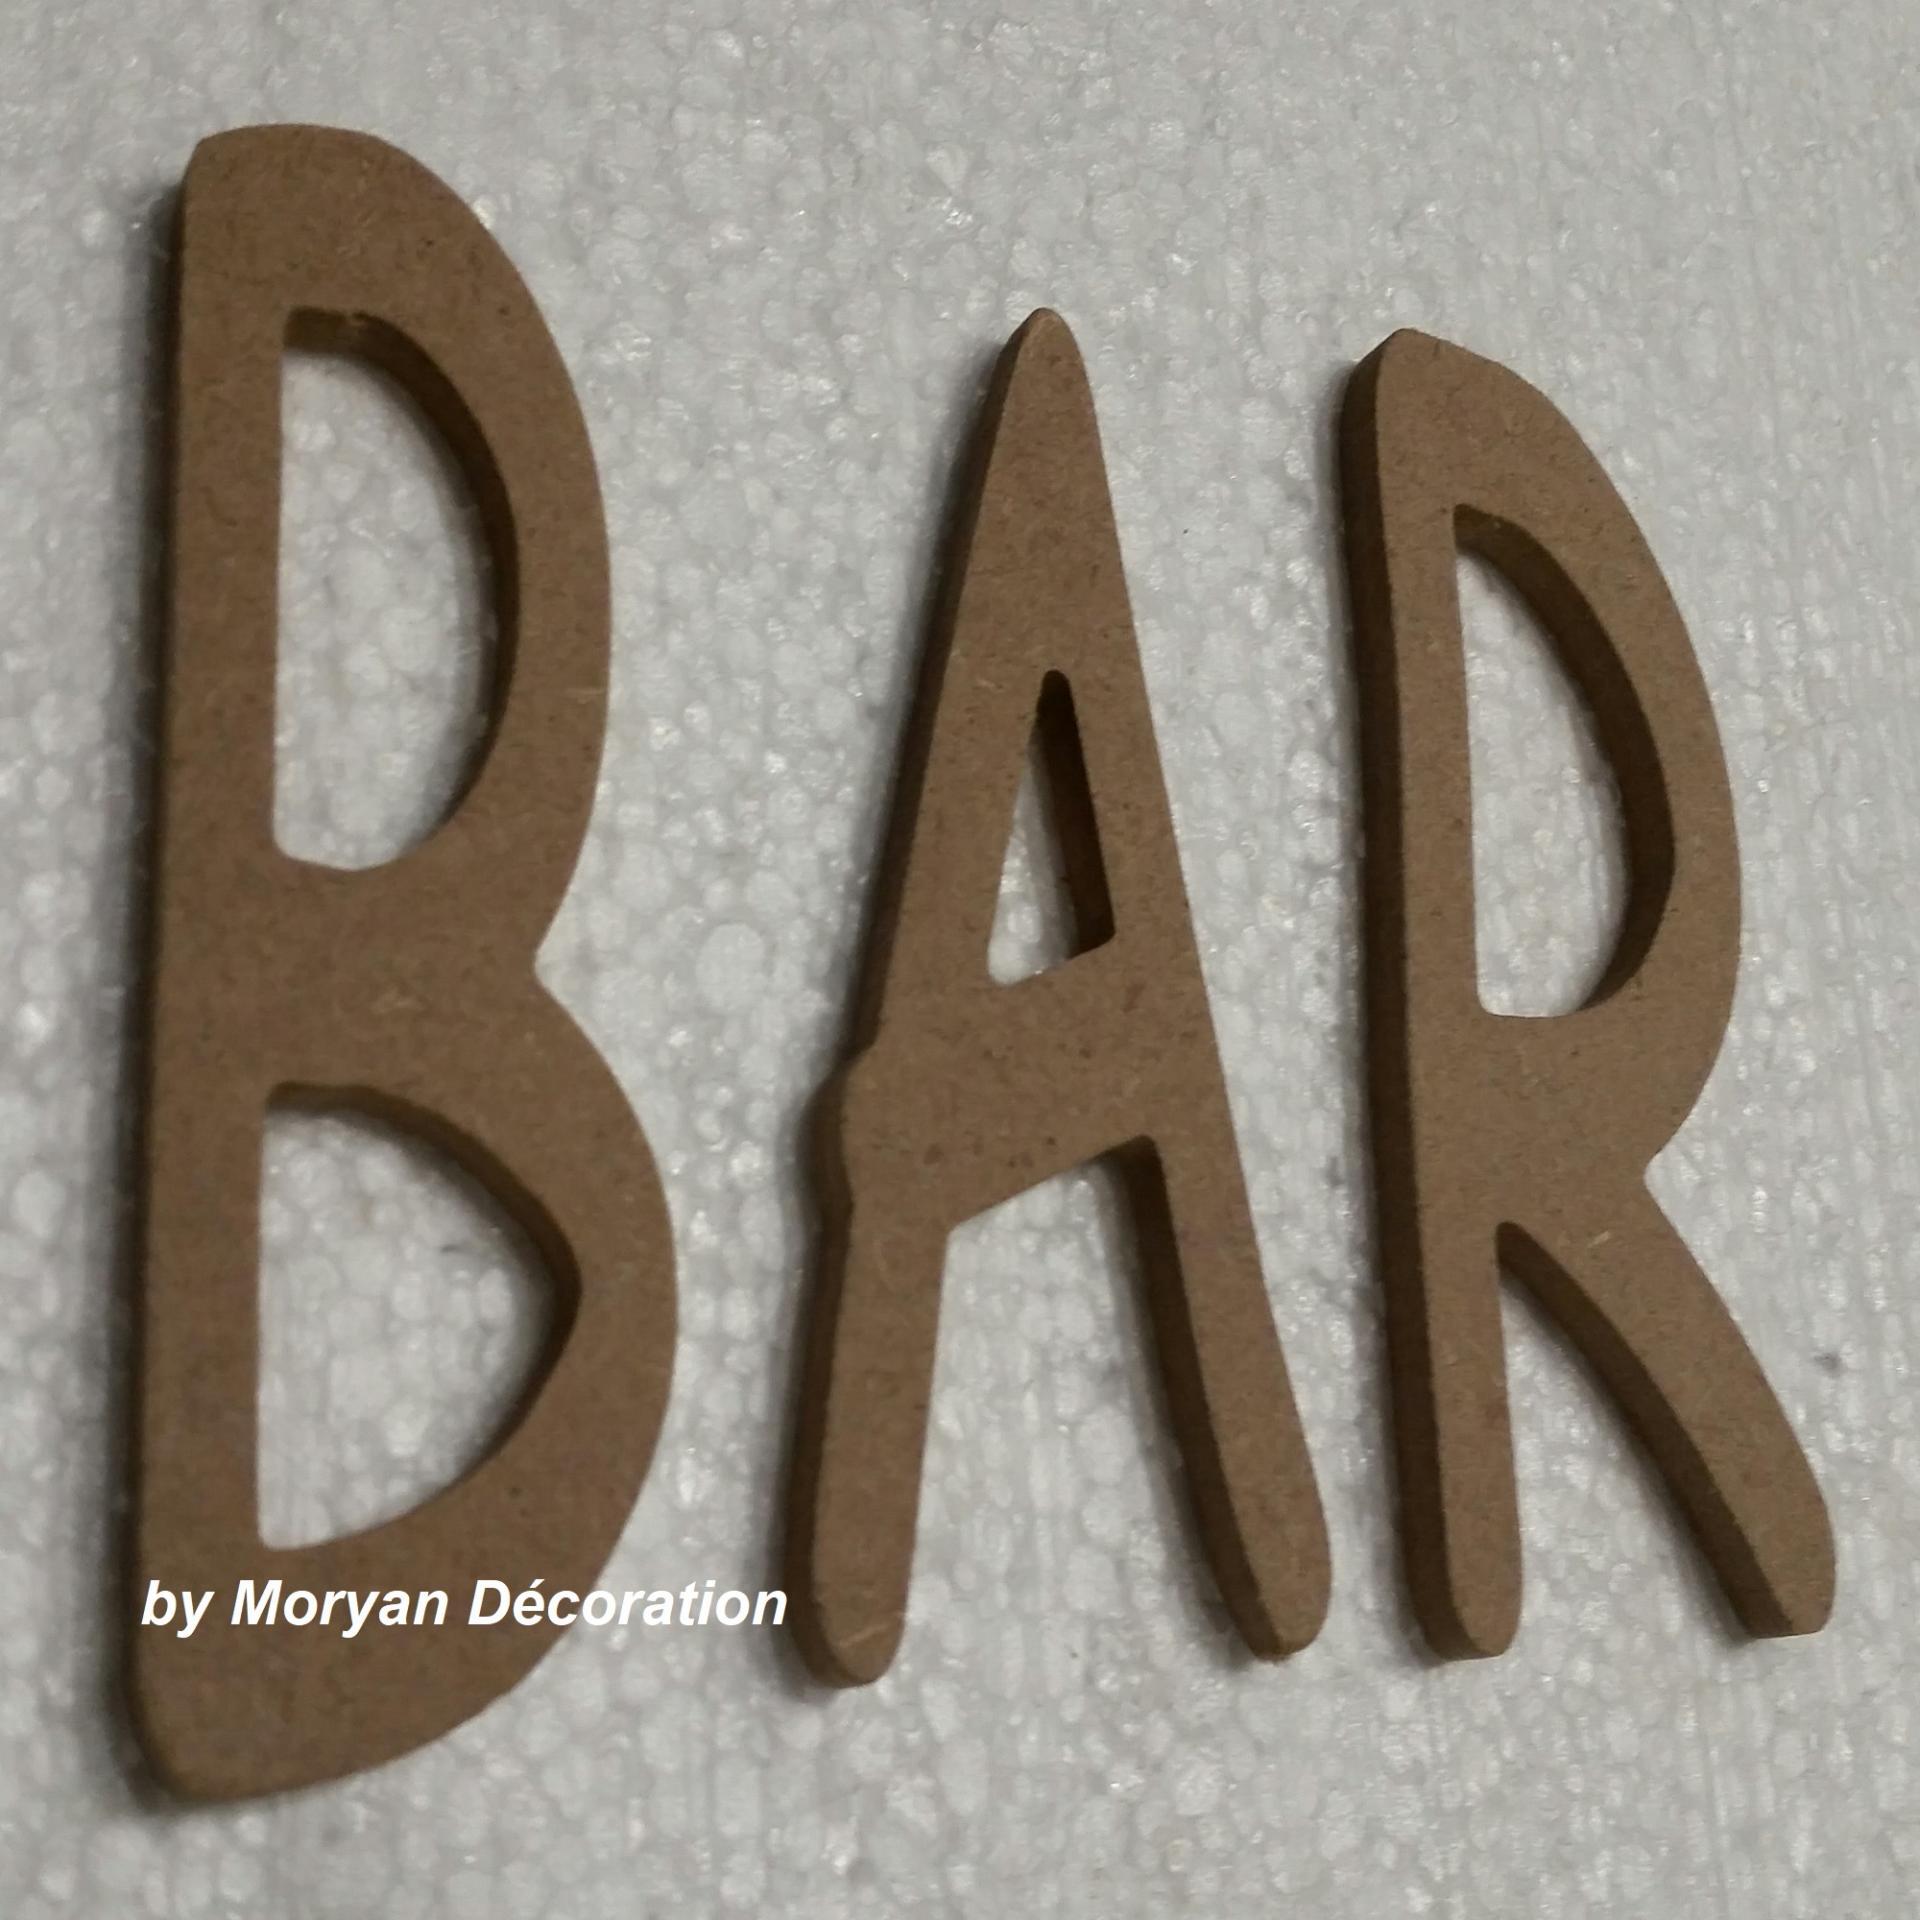 Lettre en bois decorative bar 50 cm